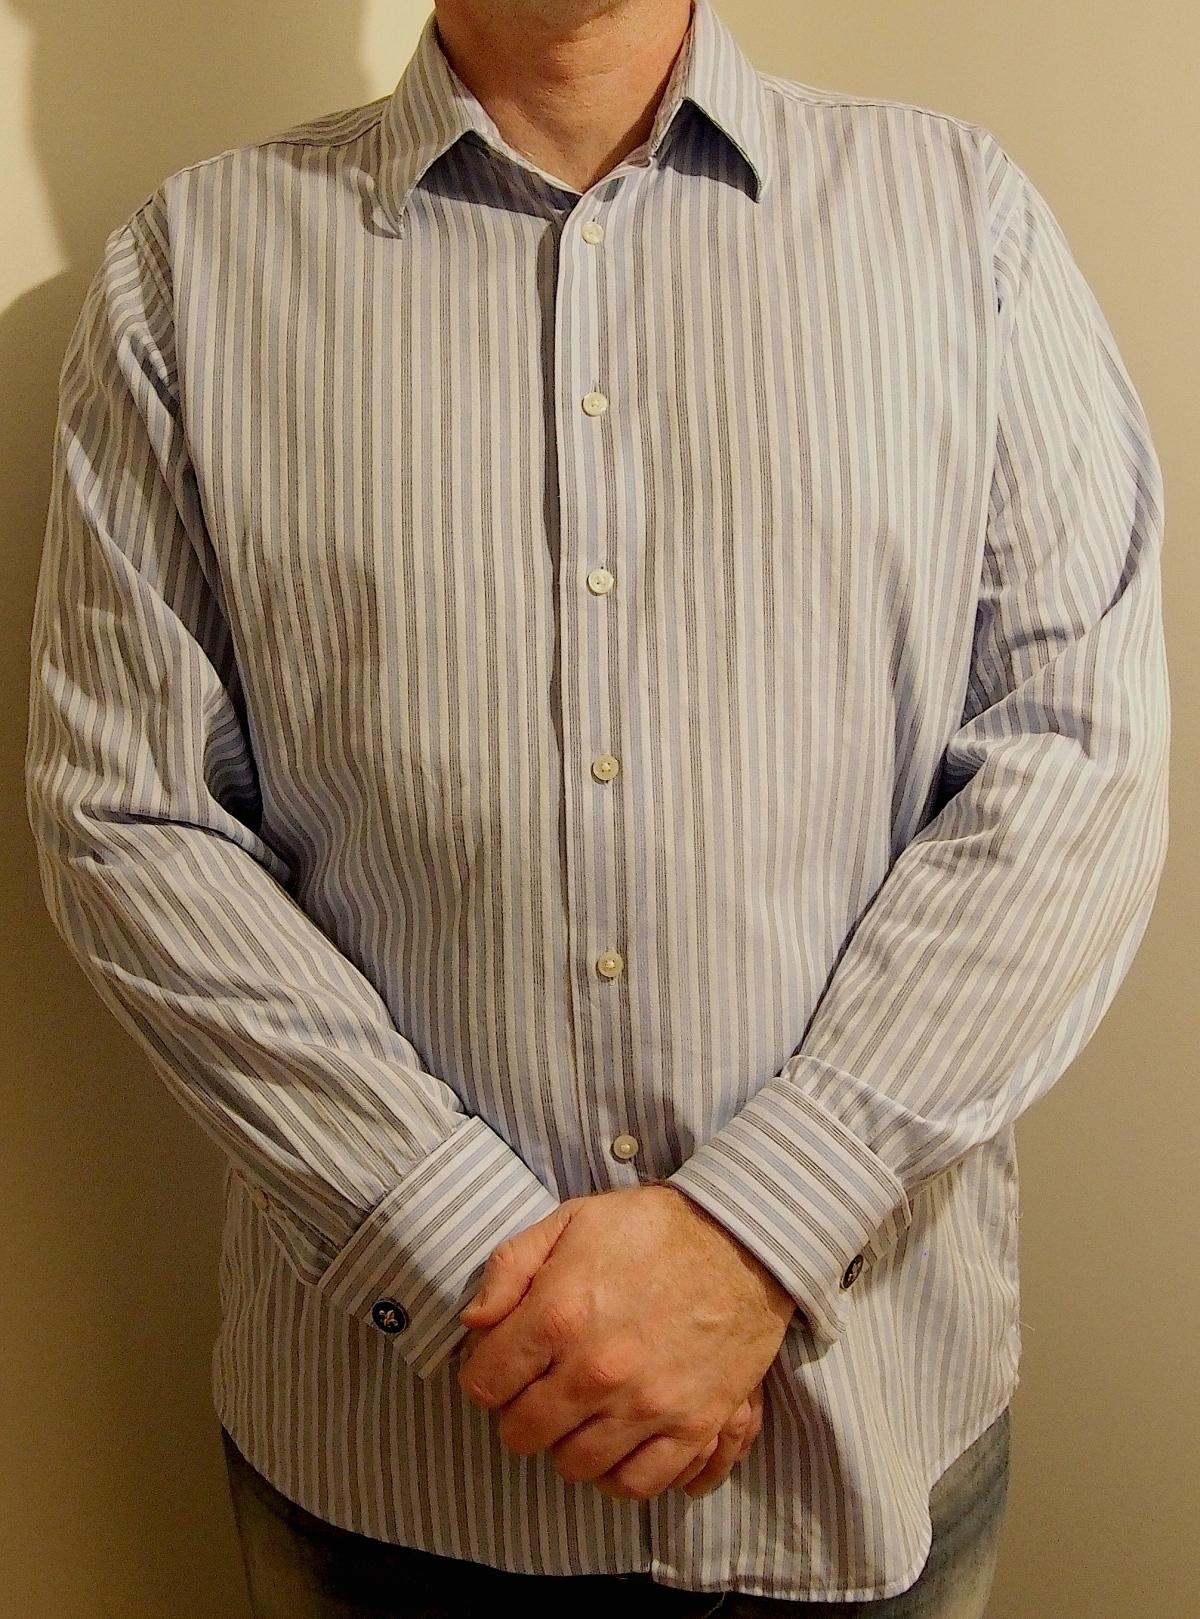 Ljus randig skjorta från Calvin Klein. Köpt för 99 sek på Tradera.